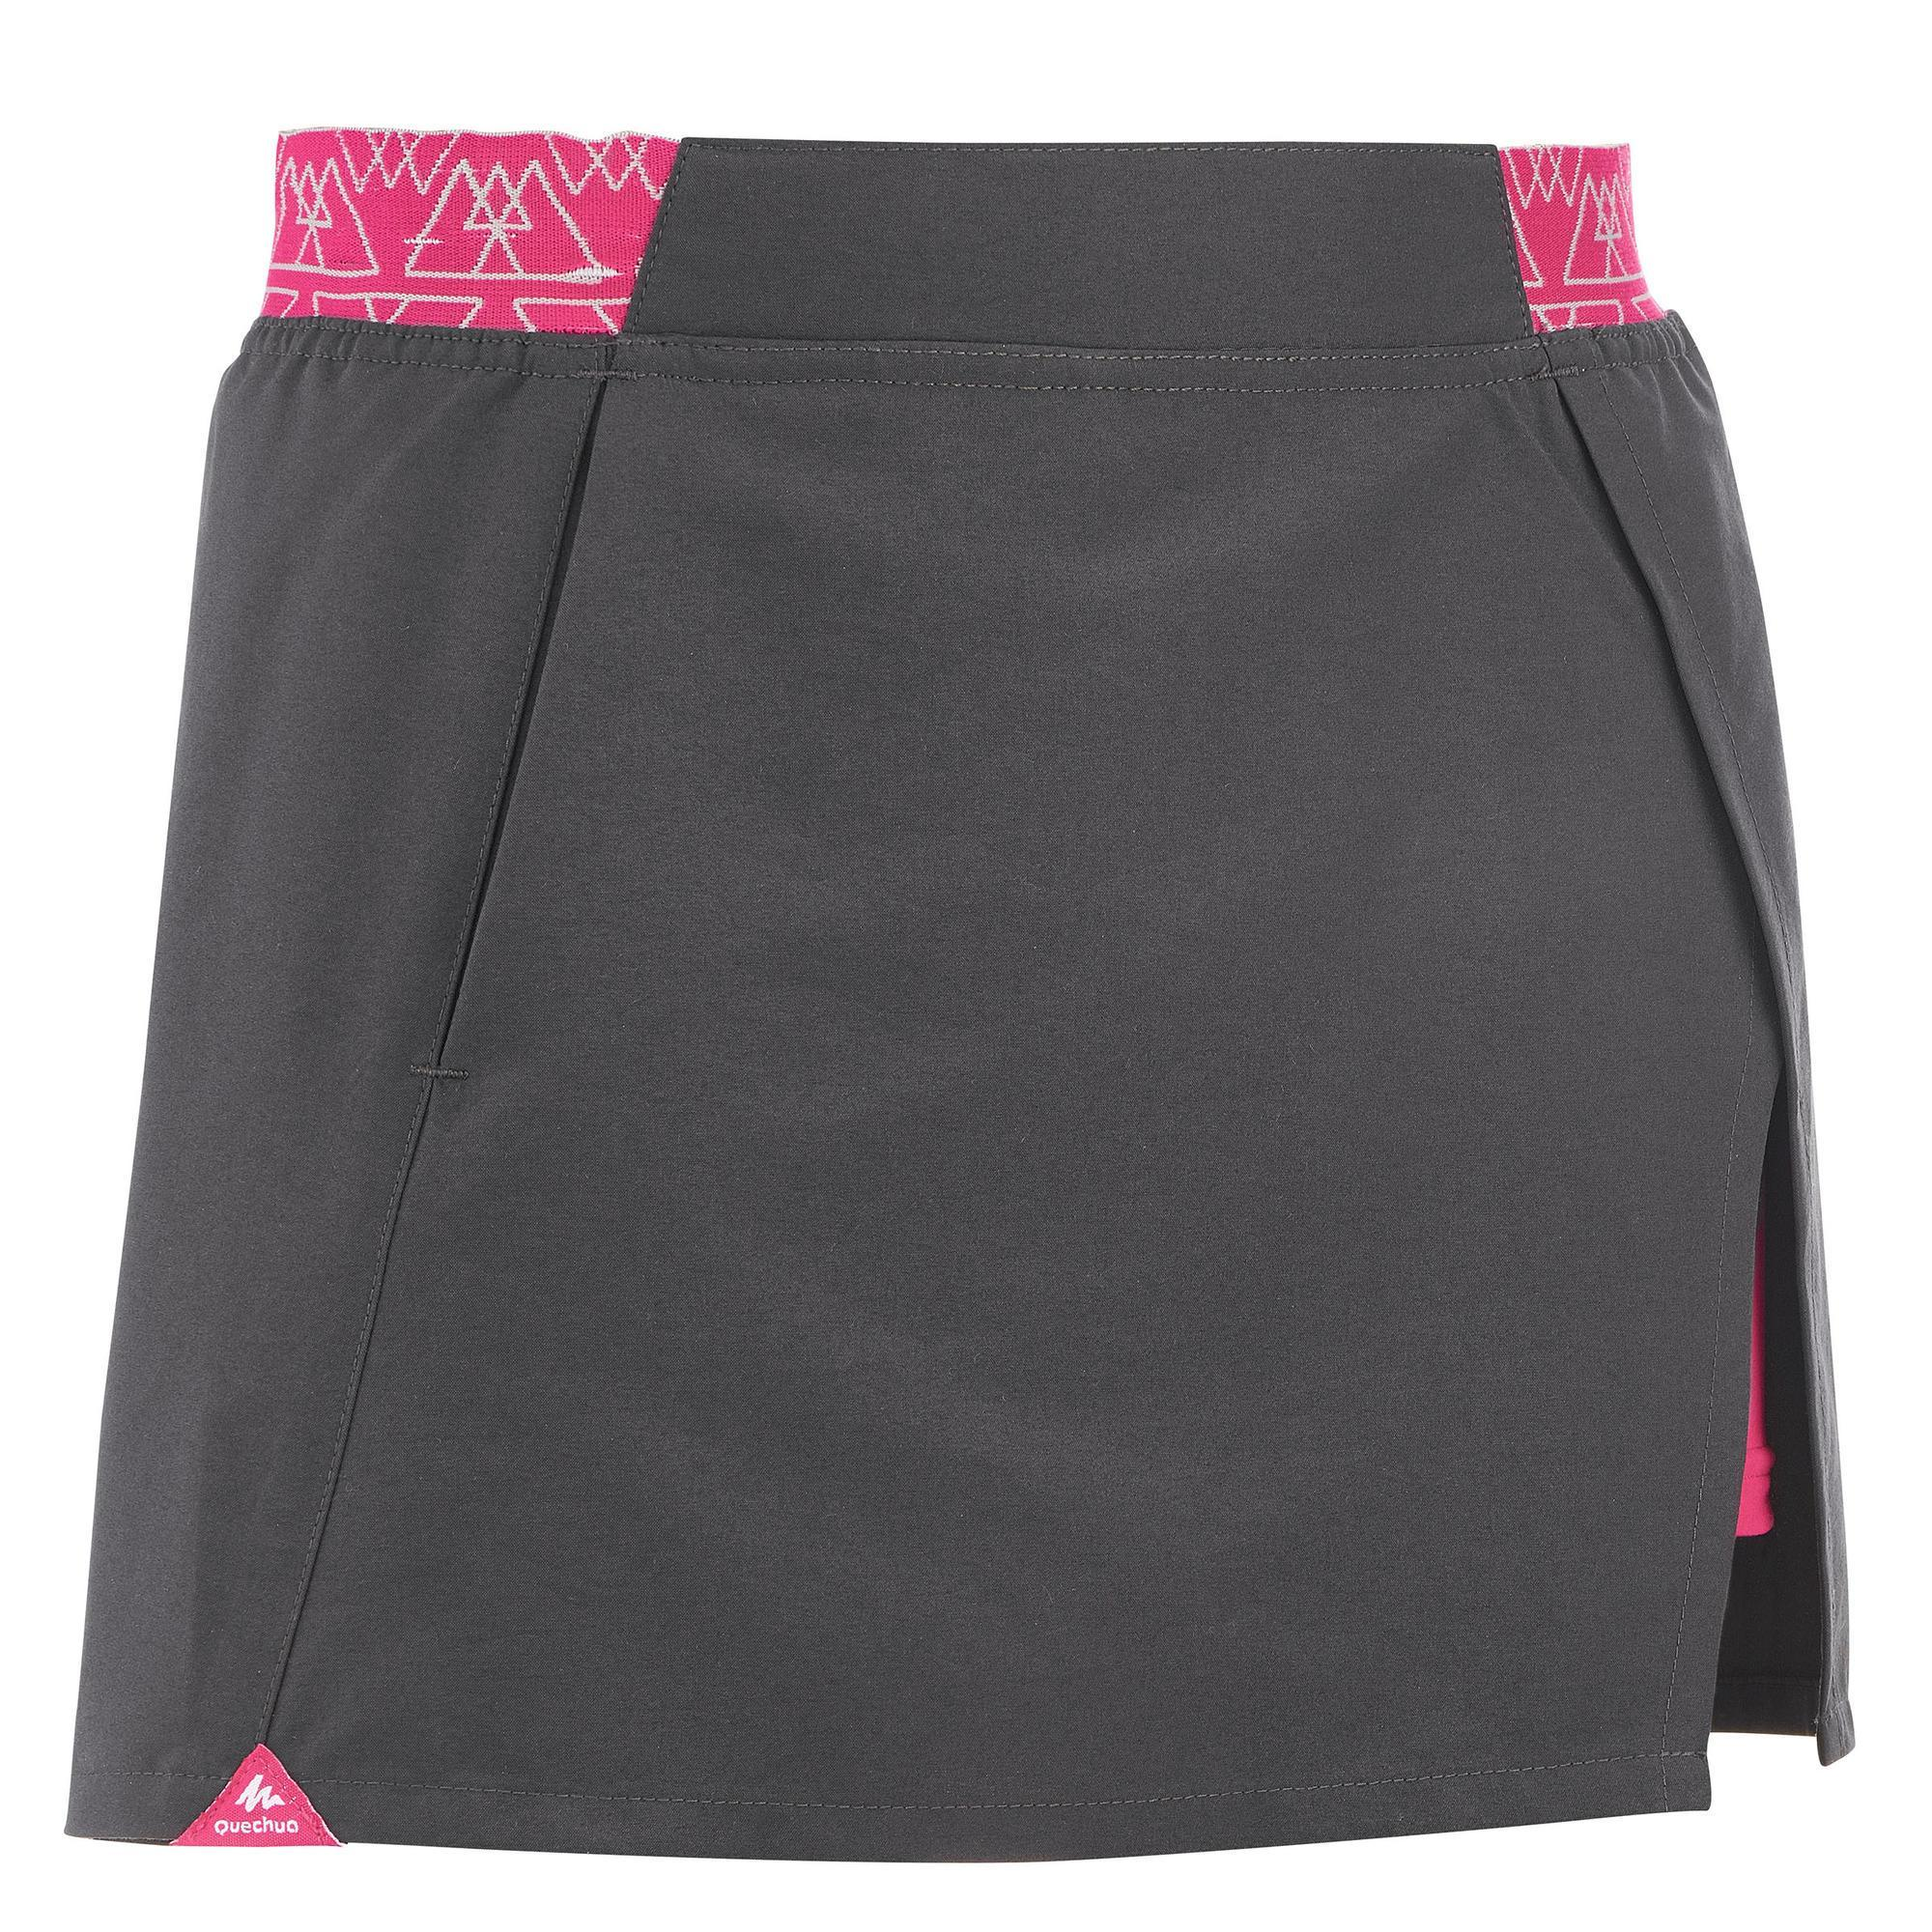 fbfee000fc Comprar Faldas deportivas para niñas de 5 a 14 años online